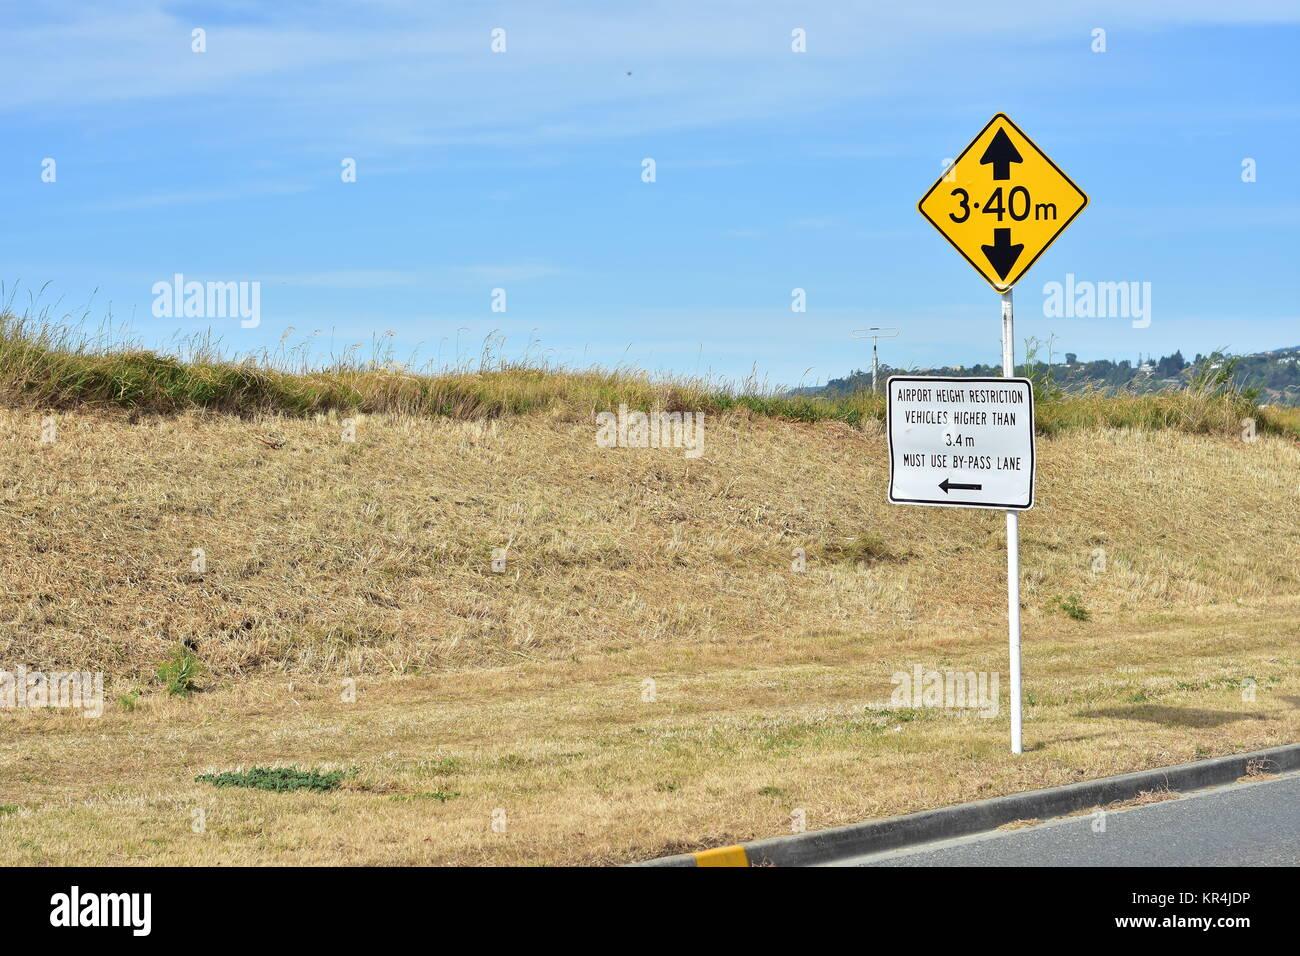 Limitation de hauteur rectangulaire jaune vif signe avec bold bloc noir lettres sur poteau de métal blanc. Photo Stock